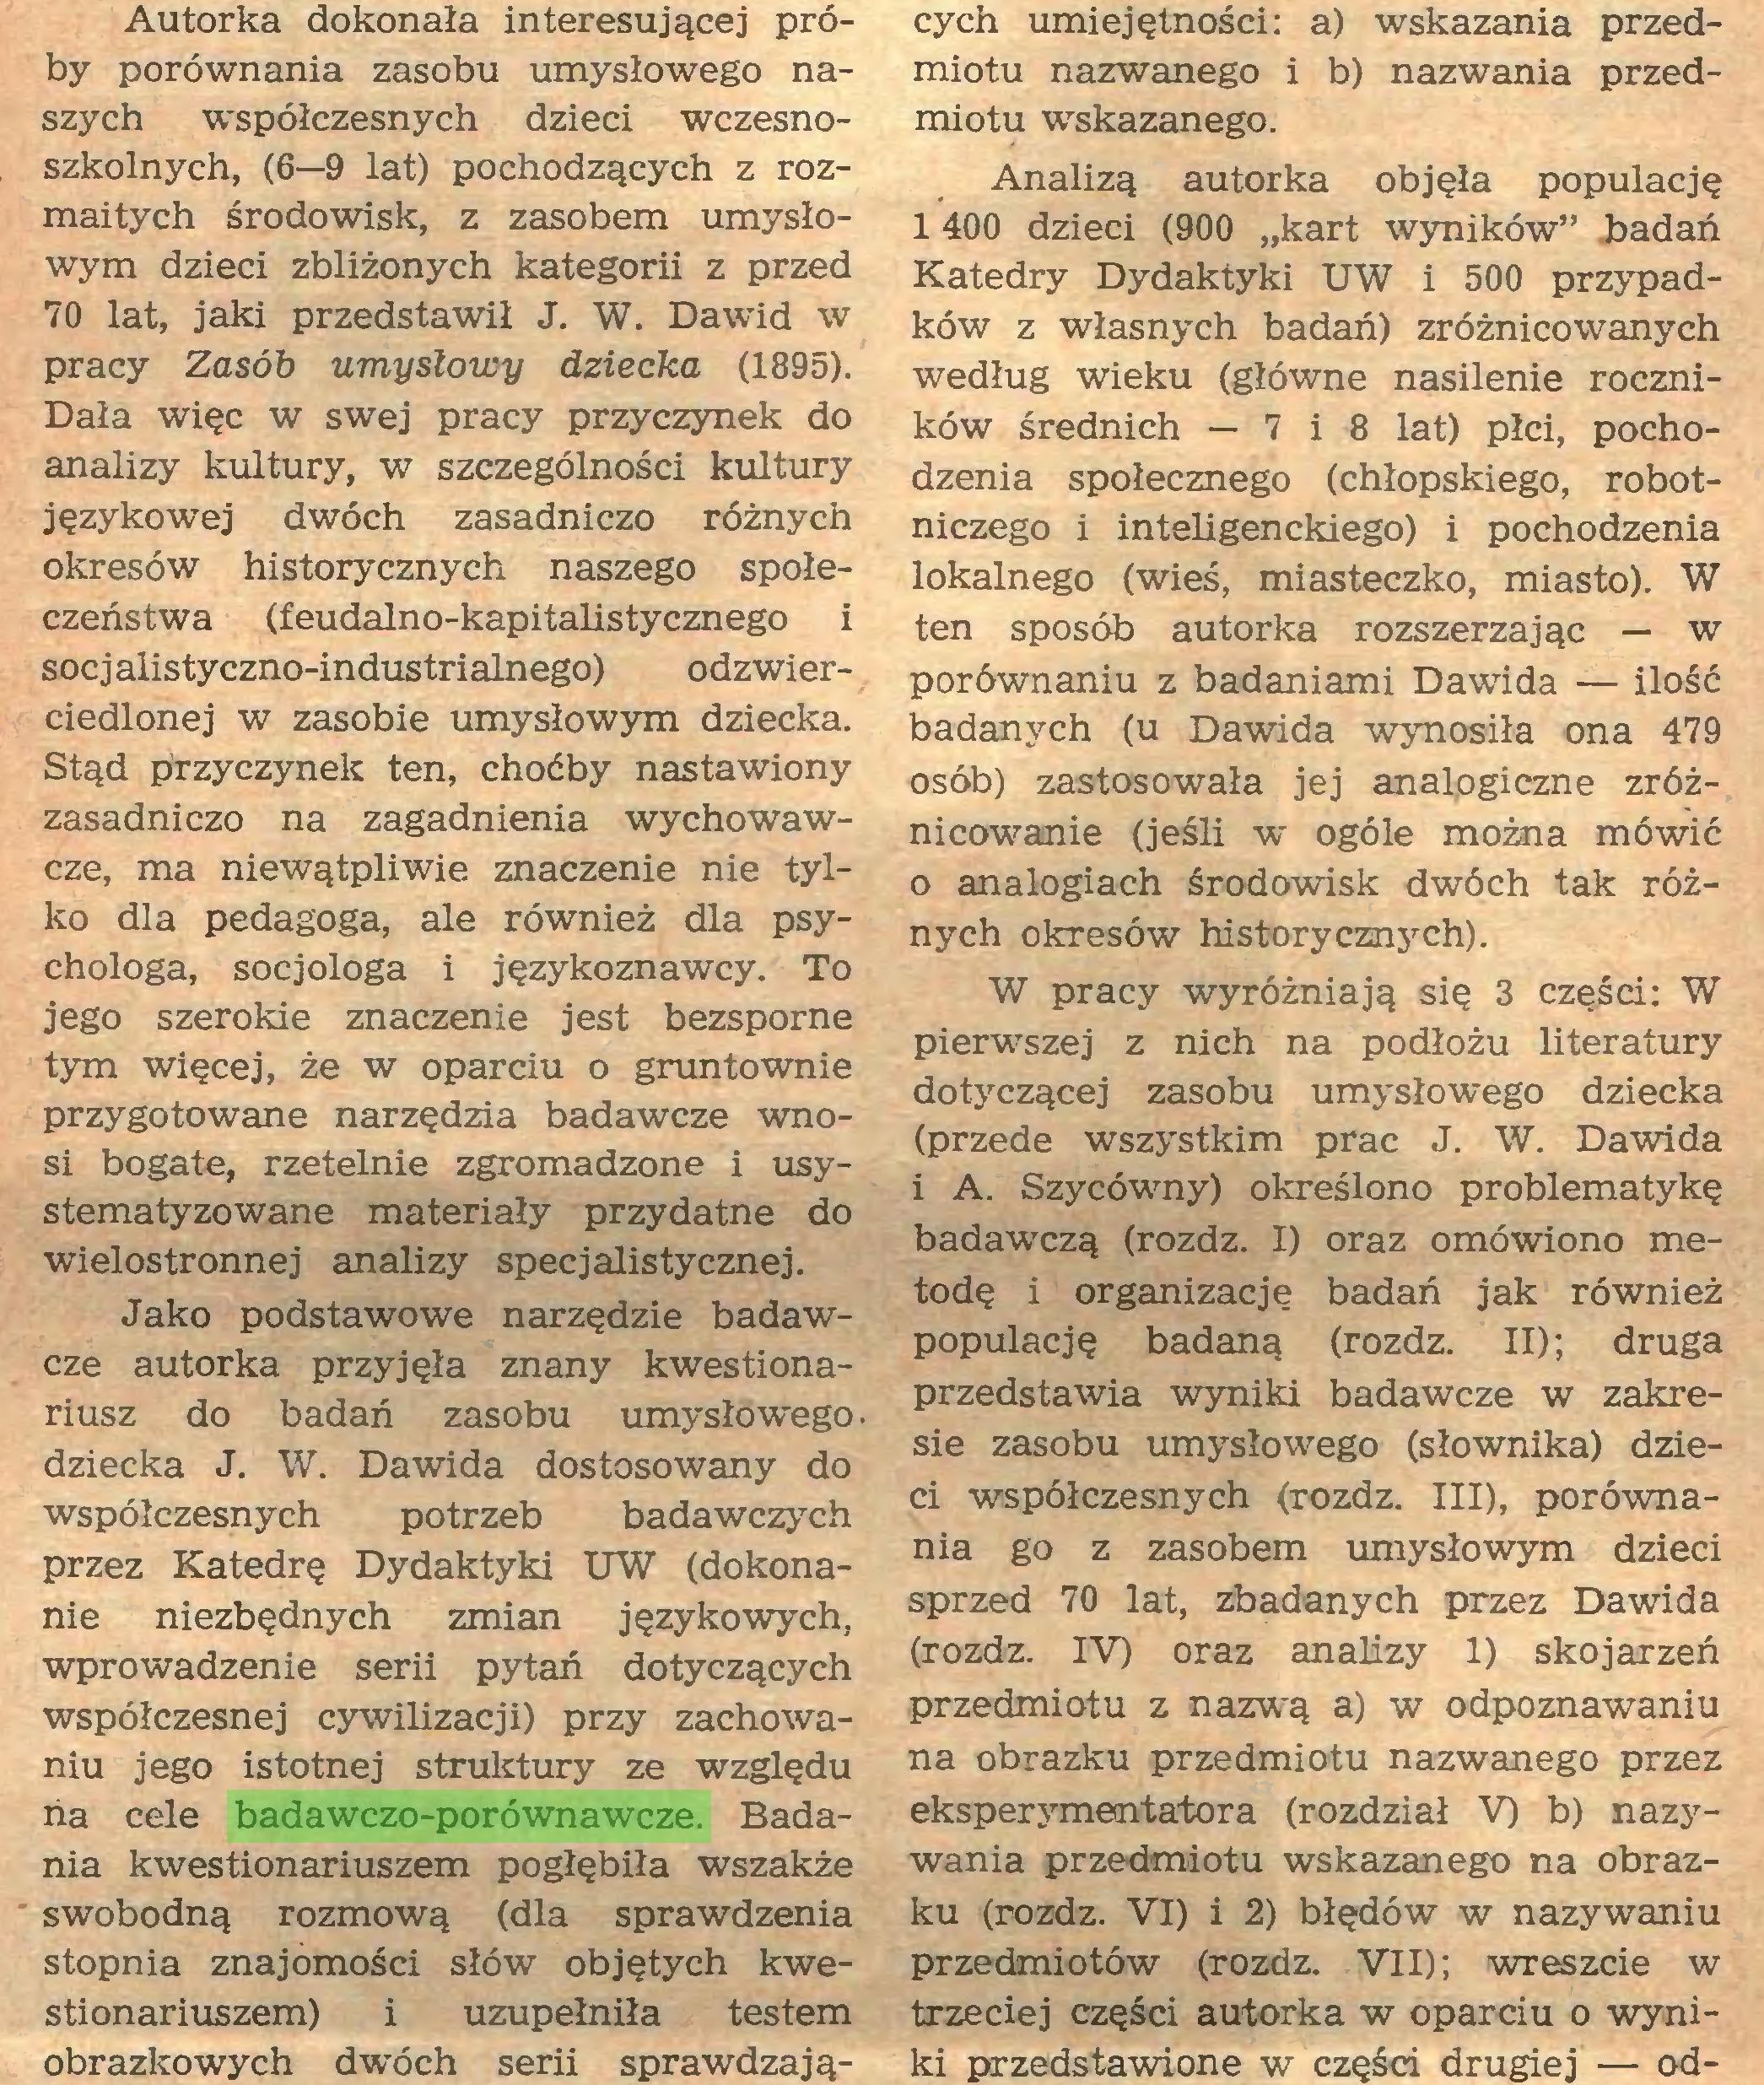 (...) dziecka J. W. Dawida dostosowany do współczesnych potrzeb badawczych przez Katedrę Dydaktyki UW (dokonanie niezbędnych zmian językowych, wprowadzenie serii pytań dotyczących współczesnej cywilizacji) przy zachowaniu jego istotnej struktury ze względu ria cele badawczo-porównawcze. Badania kwestionariuszem pogłębiła wszakże swobodną rozmową (dla sprawdzenia stopnia znajomości słów objętych kwestionariuszem) i uzupełniła testem obrazkowych dwóch serii sprawdzają¬ cych umiejętności: a) wskazania przedmiotu nazwanego i b) nazwania przedmiotu wskazanego...